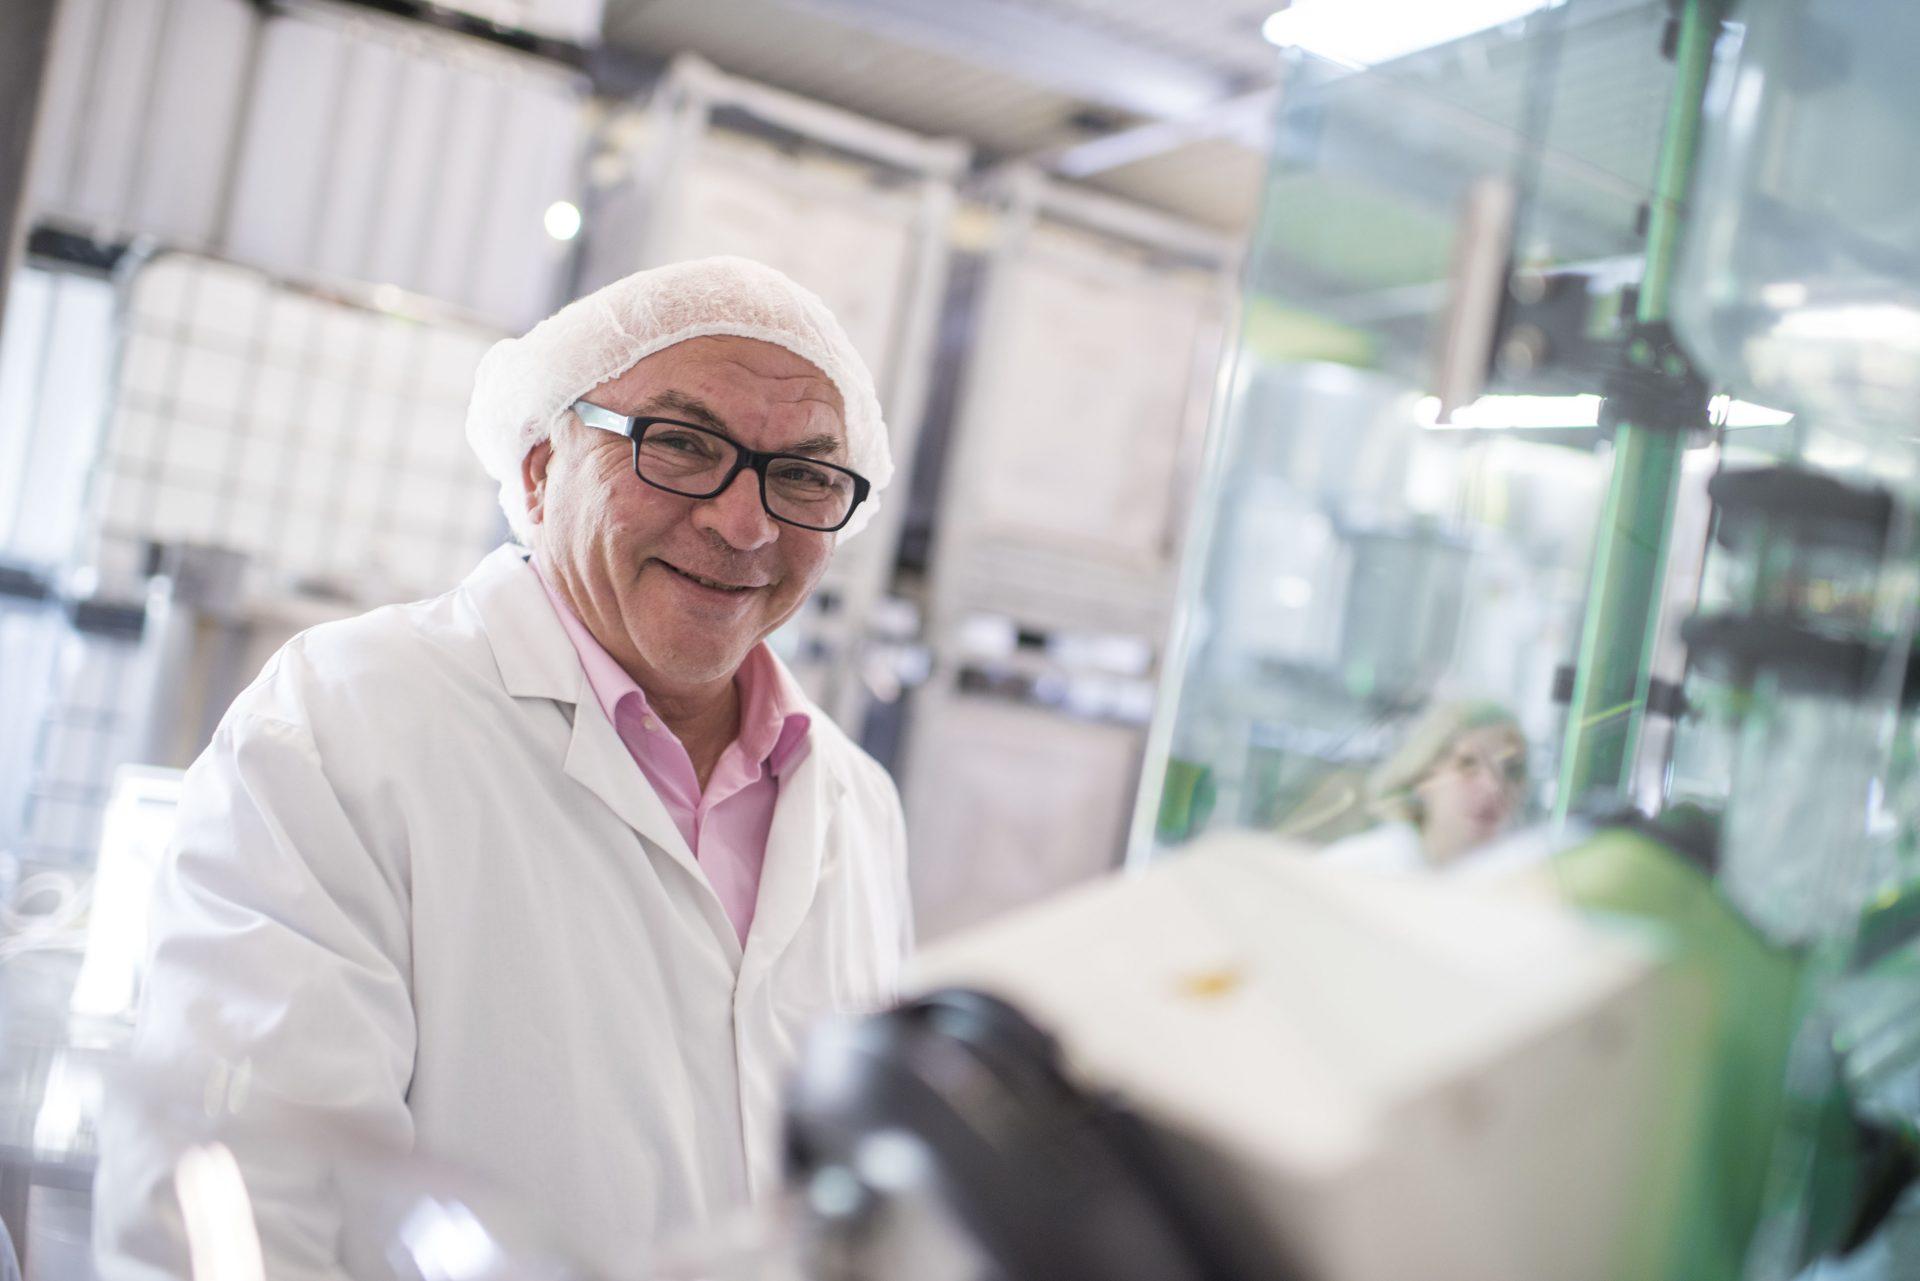 Das Foto zeigt Josef Möller, den Inhaber von Möller Pharma und der Obstsaftkelterei Josef Möller. Foto: Stadt Recklinghausen